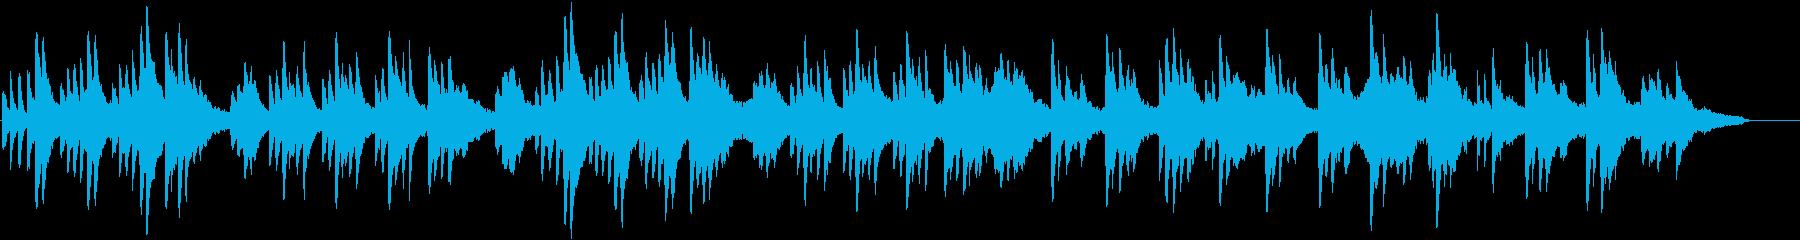 ピアノとストリングスの優しい曲02の再生済みの波形